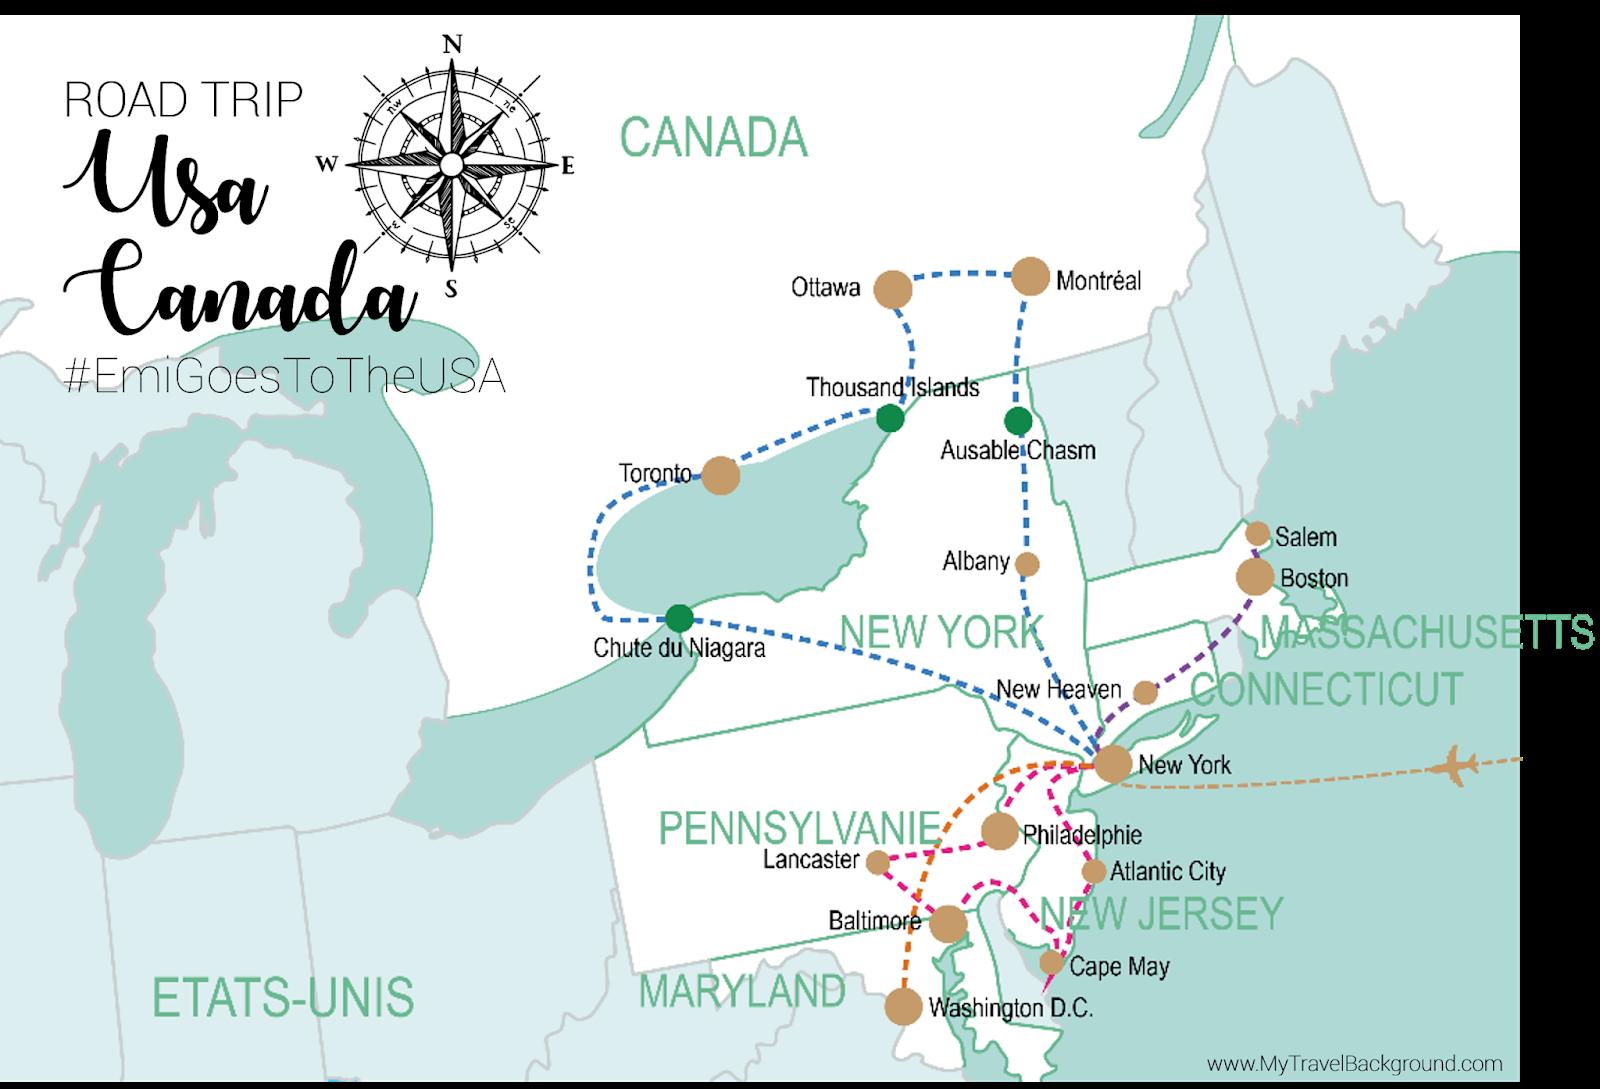 My Travel Background : mon road trip sur la côté Est des Etats-Unis et du Canada - USA - Itinéraire